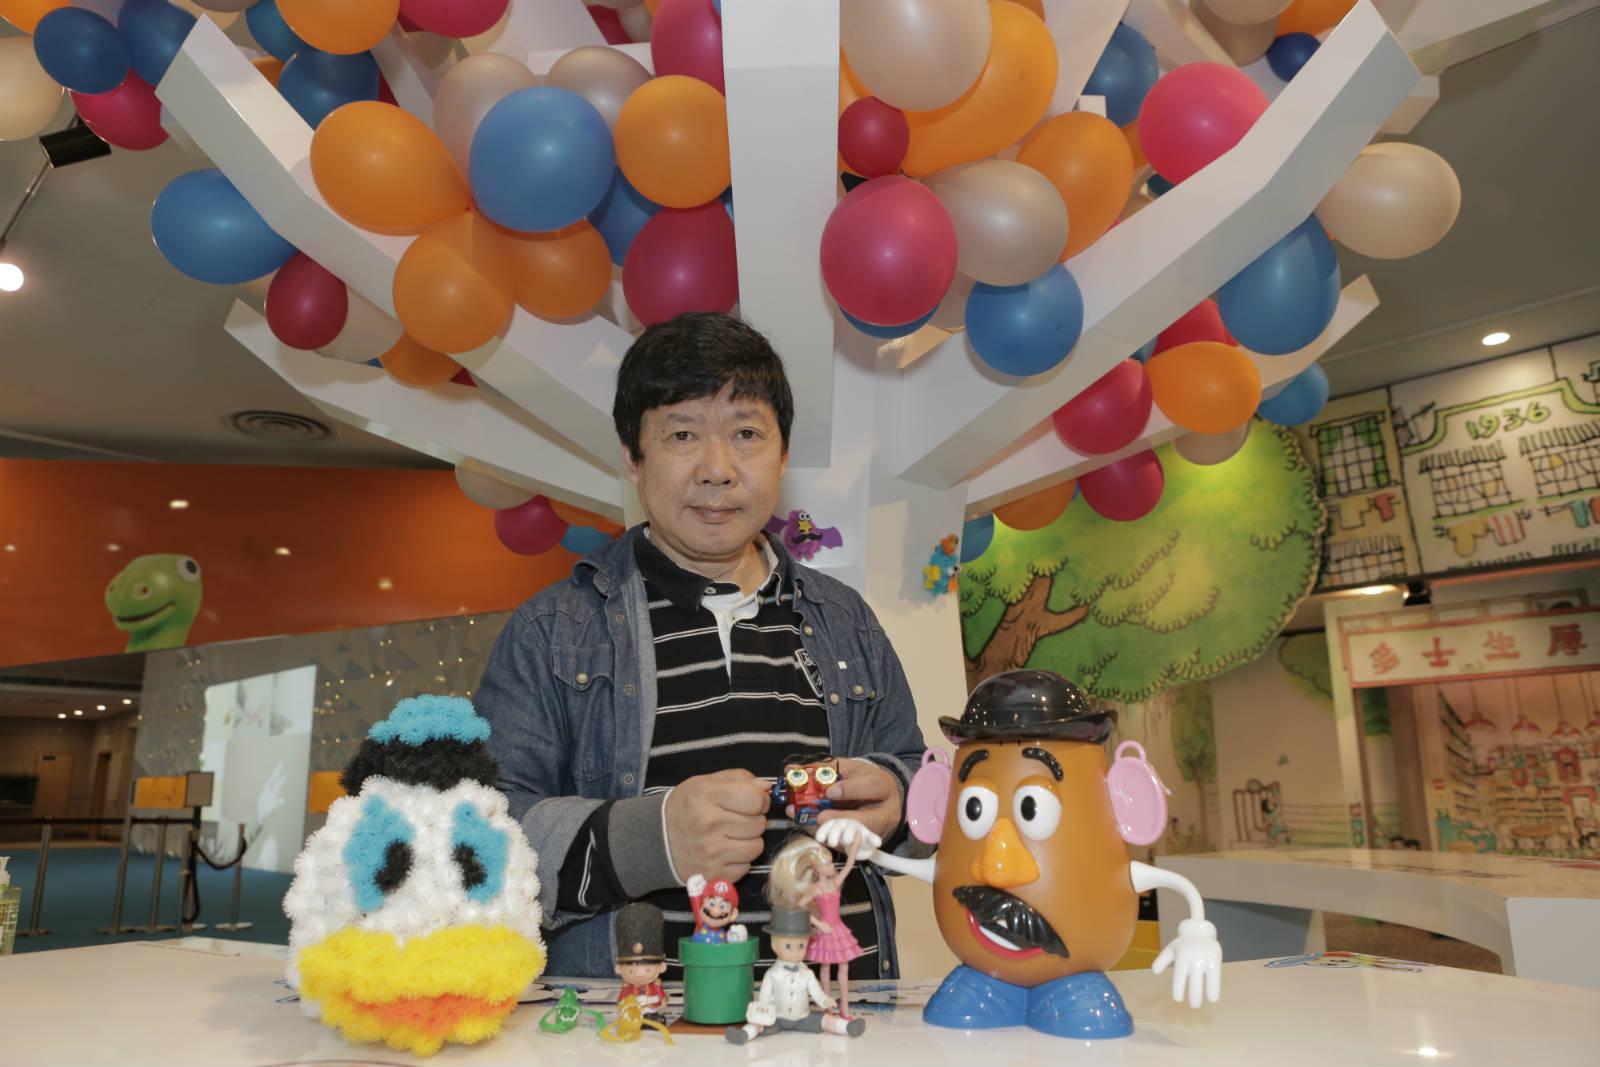 舊玩具收藏家楊維邦,收藏玩具 30 年,是舊玩具字典。後來發現楊維邦另一身份是漫畫家,是 80 年代香港漫畫研究社一員,熟悉過去百多年的中國漫畫史。